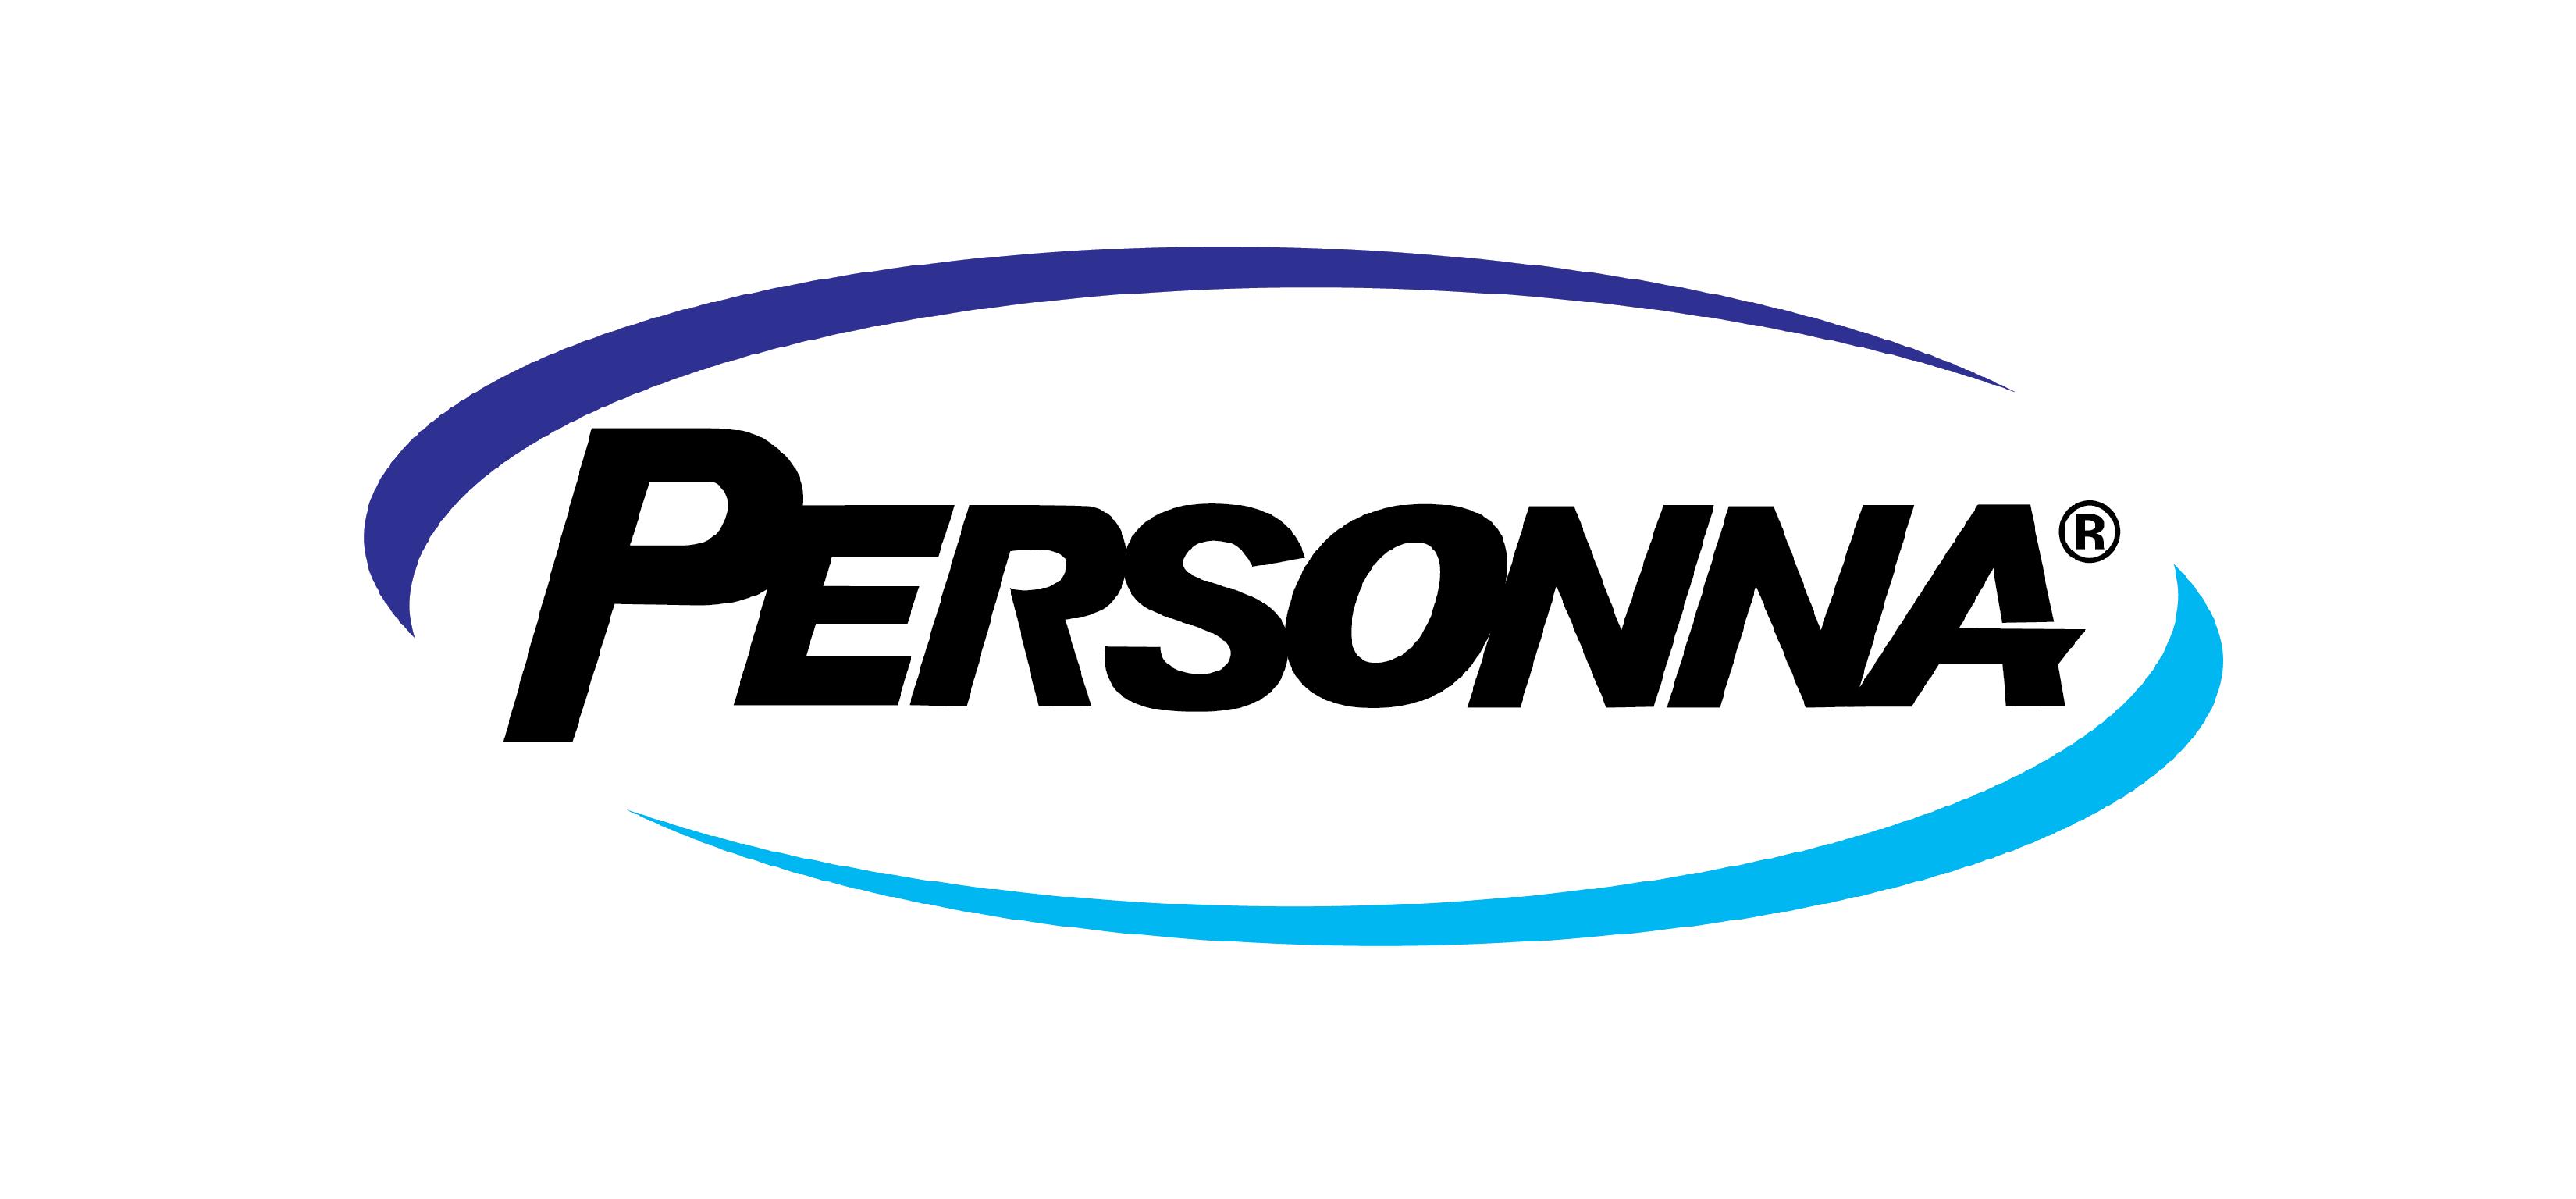 פרסונה2